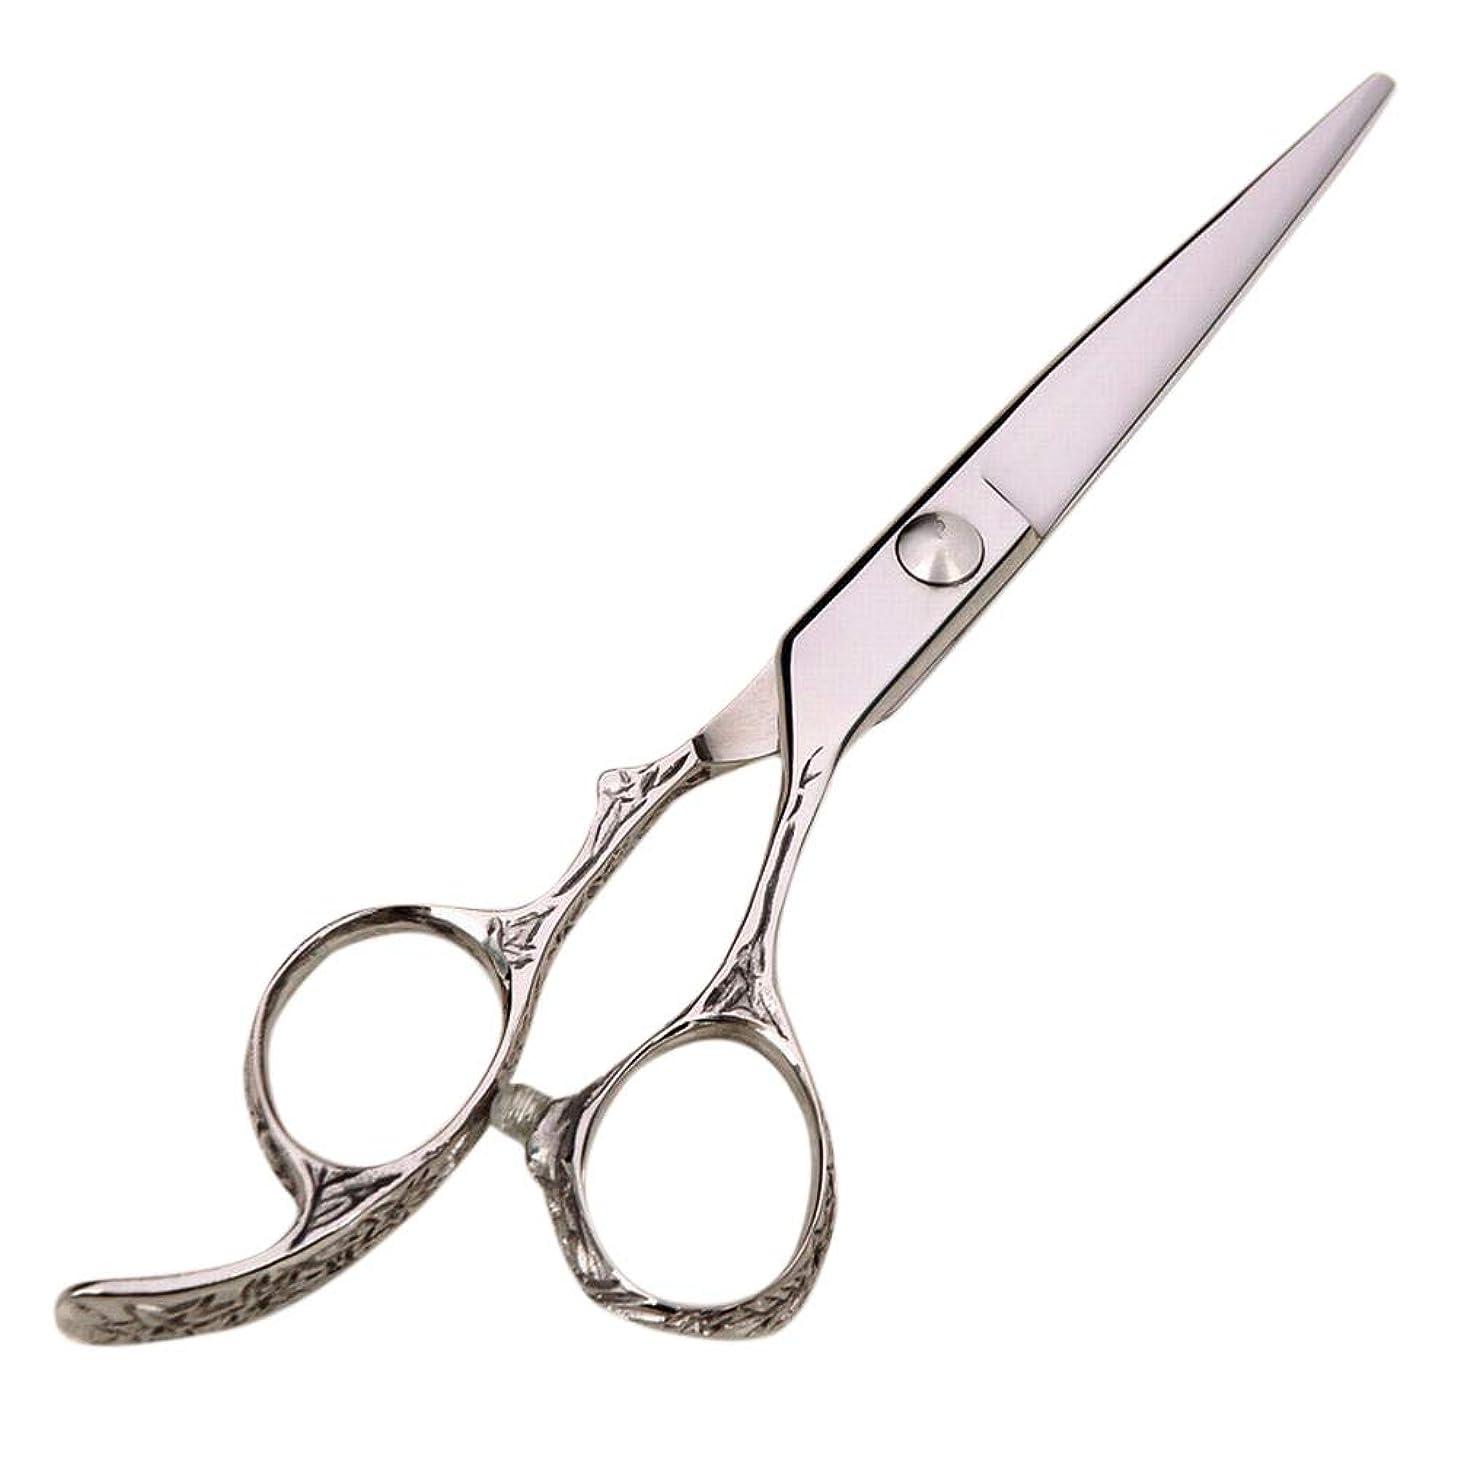 空まろやかな仲良し理髪用はさみ 6インチプロフェッショナルハイエンド理髪はさみ、美容院理髪ツールヘアカットはさみステンレス理髪はさみ (色 : Silver)